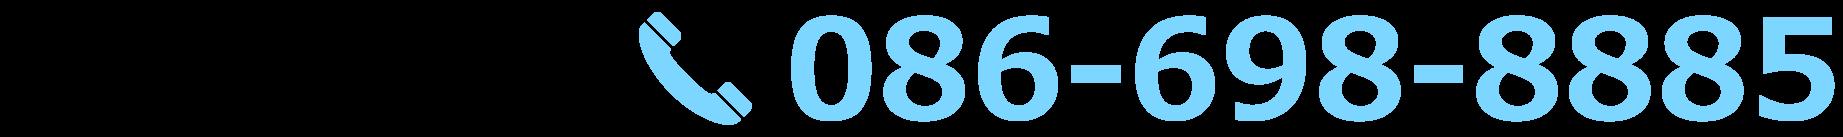 シルバーマンションひまわり 086-698-8885